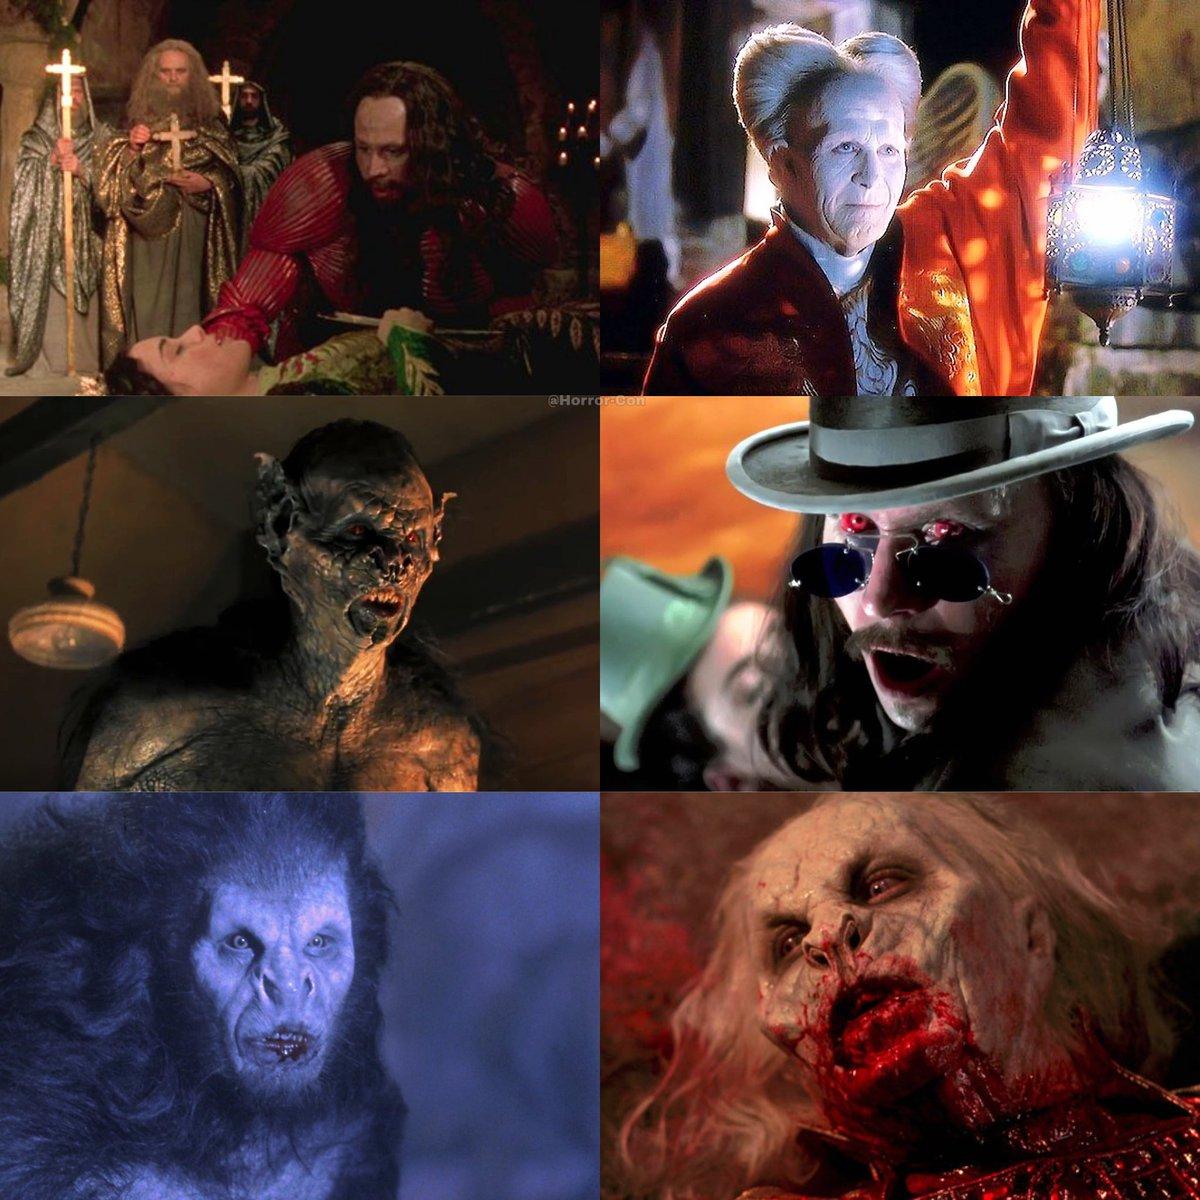 RT @HorrorCon2013: 26 years ago, Bram Stoker's Dracula was released! https://t.co/dlzhPFCVzn